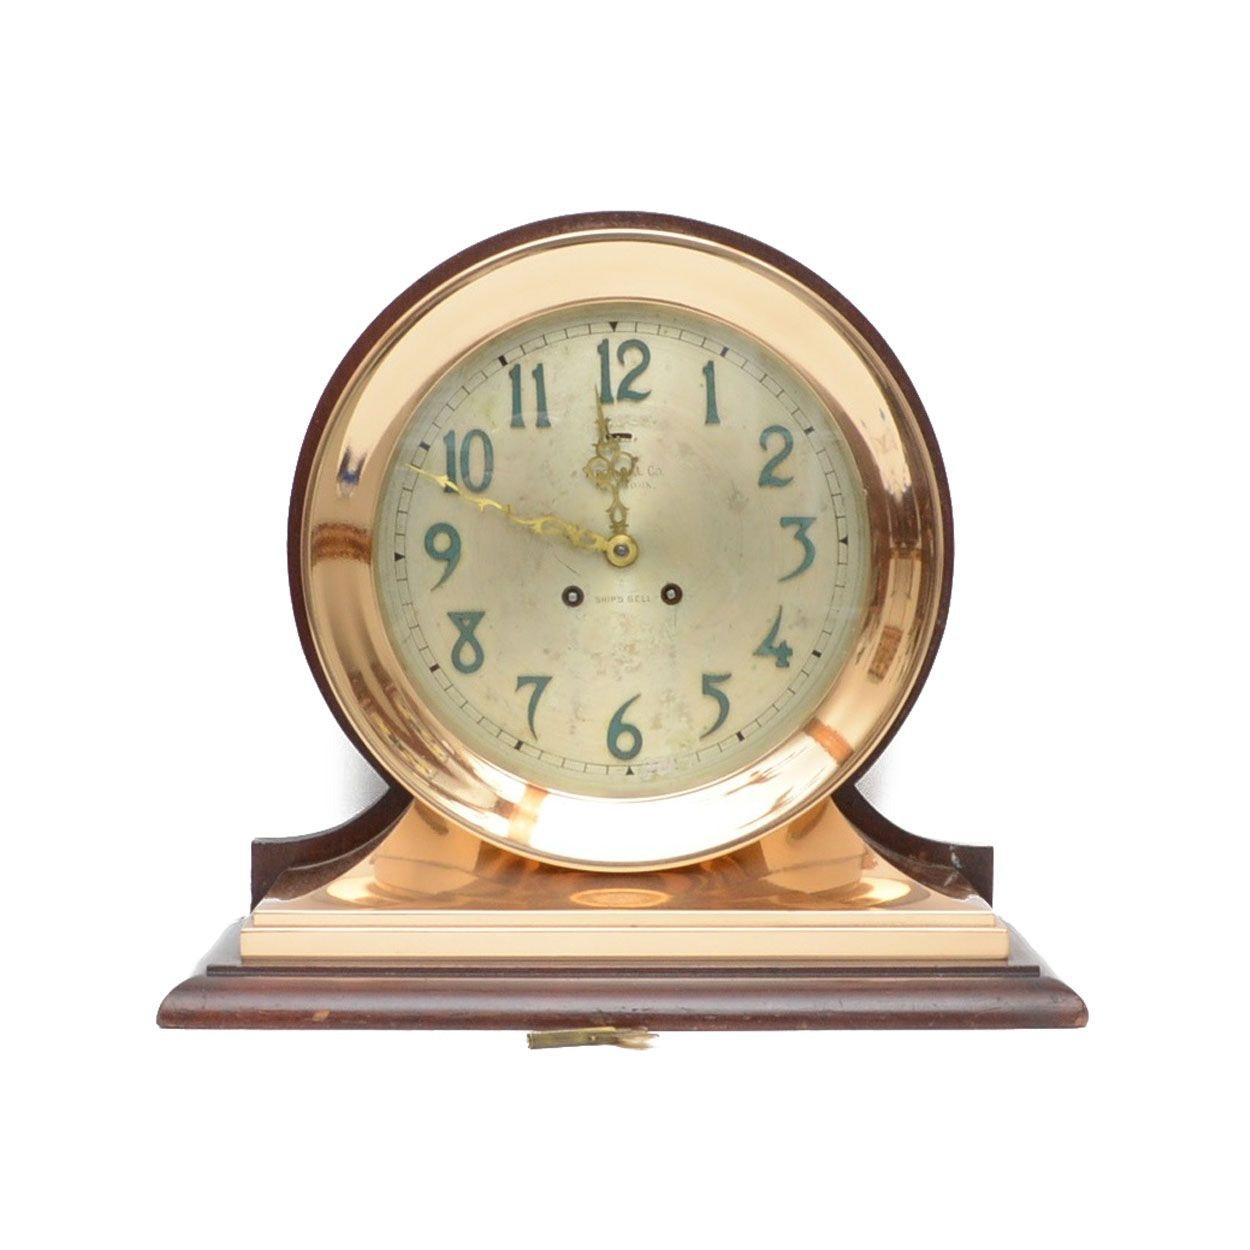 Tiffany & Co. Chelsea Ship's Bell Clock